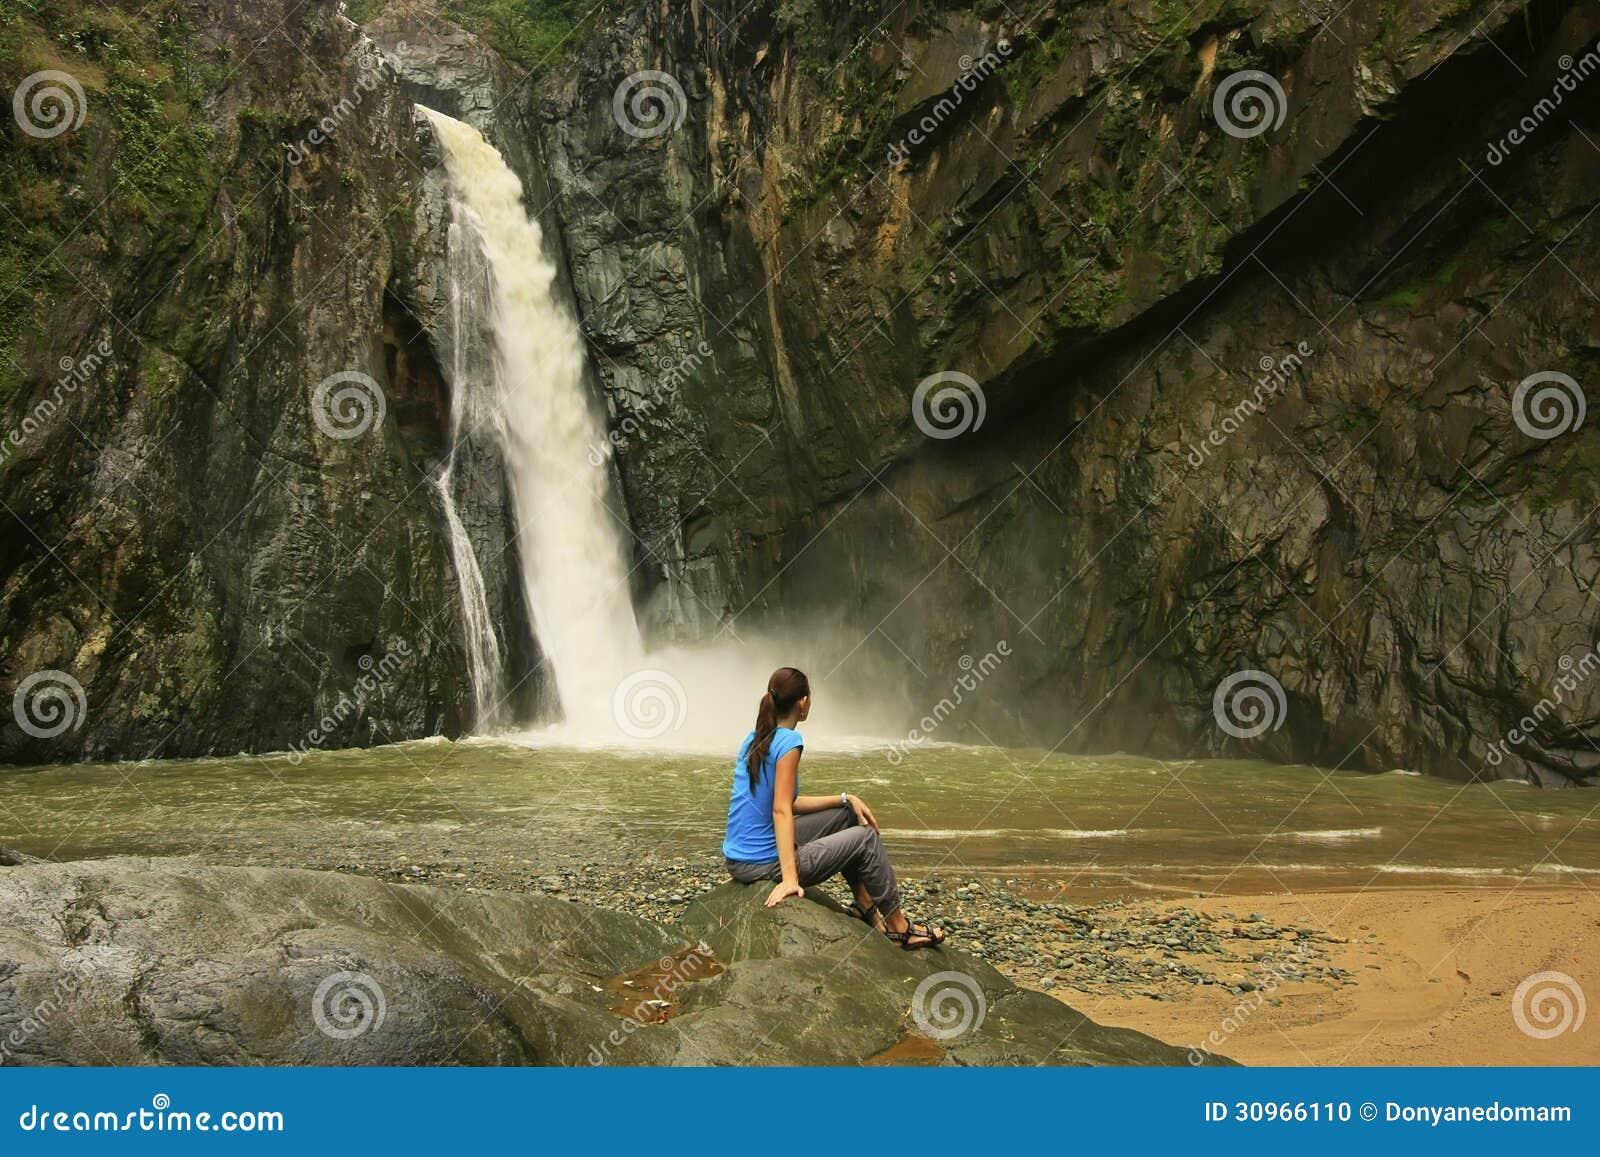 Cachoeira da ONU de Salto Jimenoa, Jarabacoa